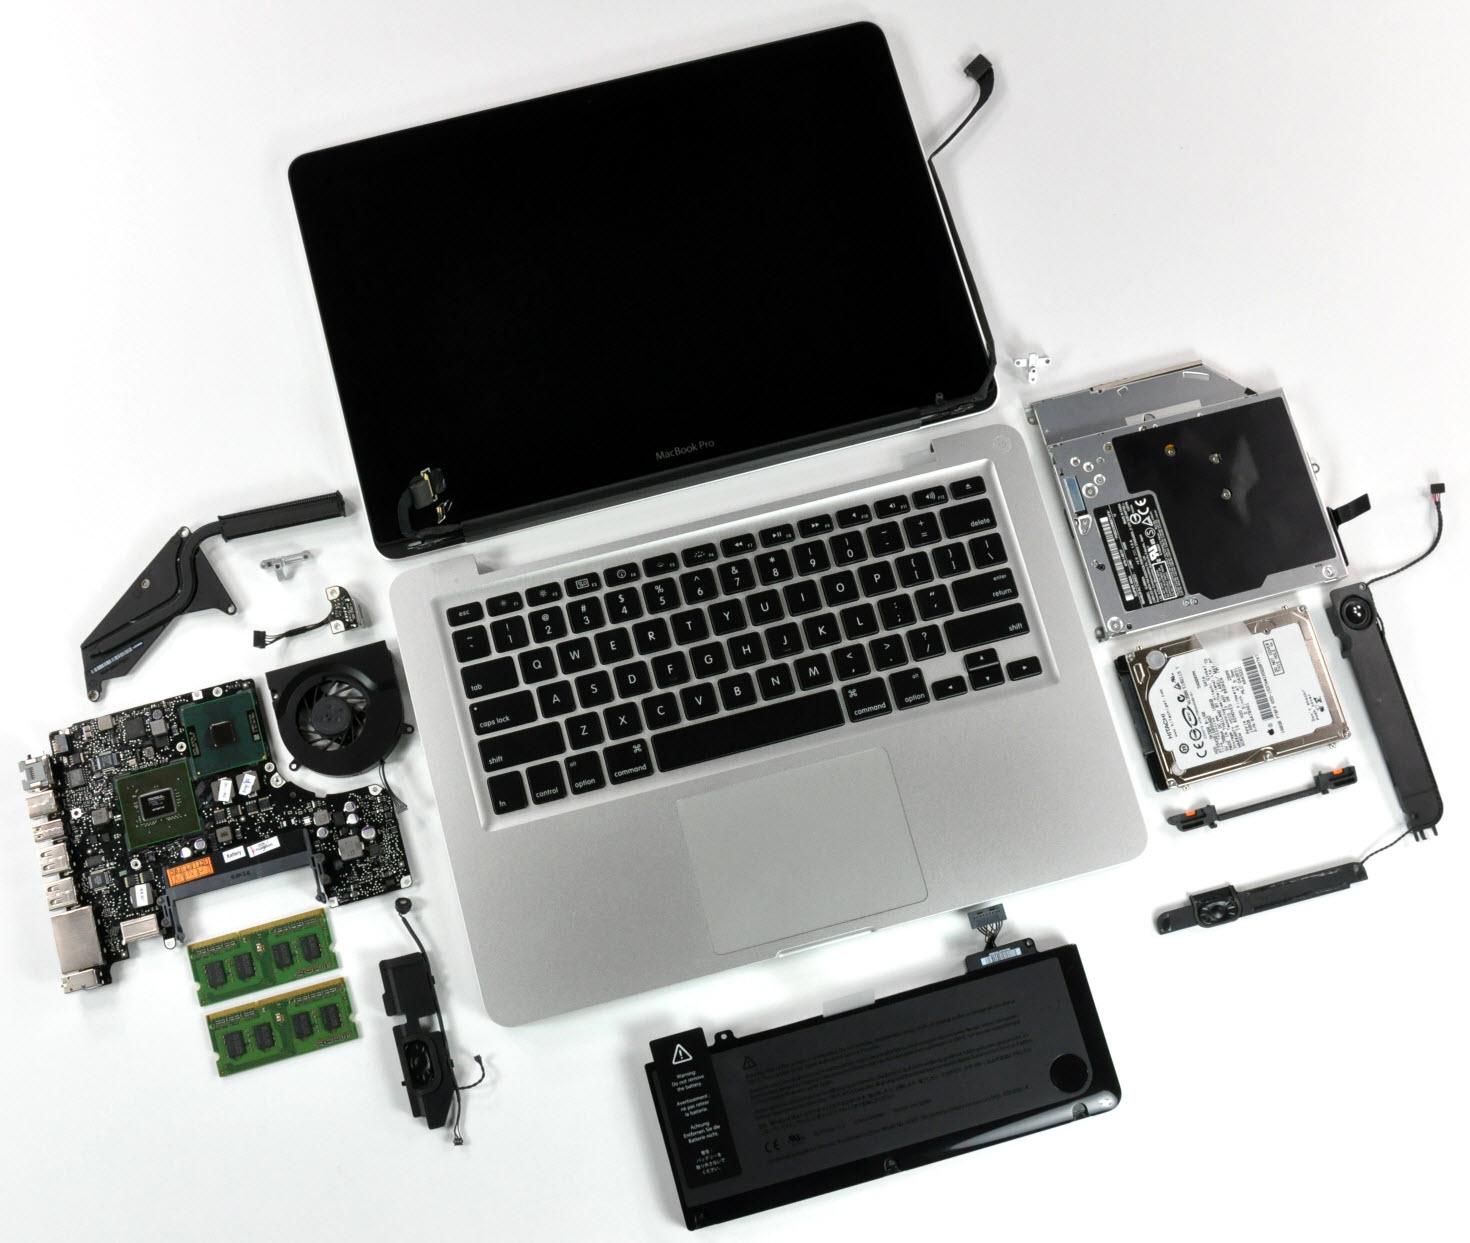 סופר תיקון למחשבי אפל | מעבדת מחשבים לתיקון מחשבי אפל ומחשבים ניידים UV-04